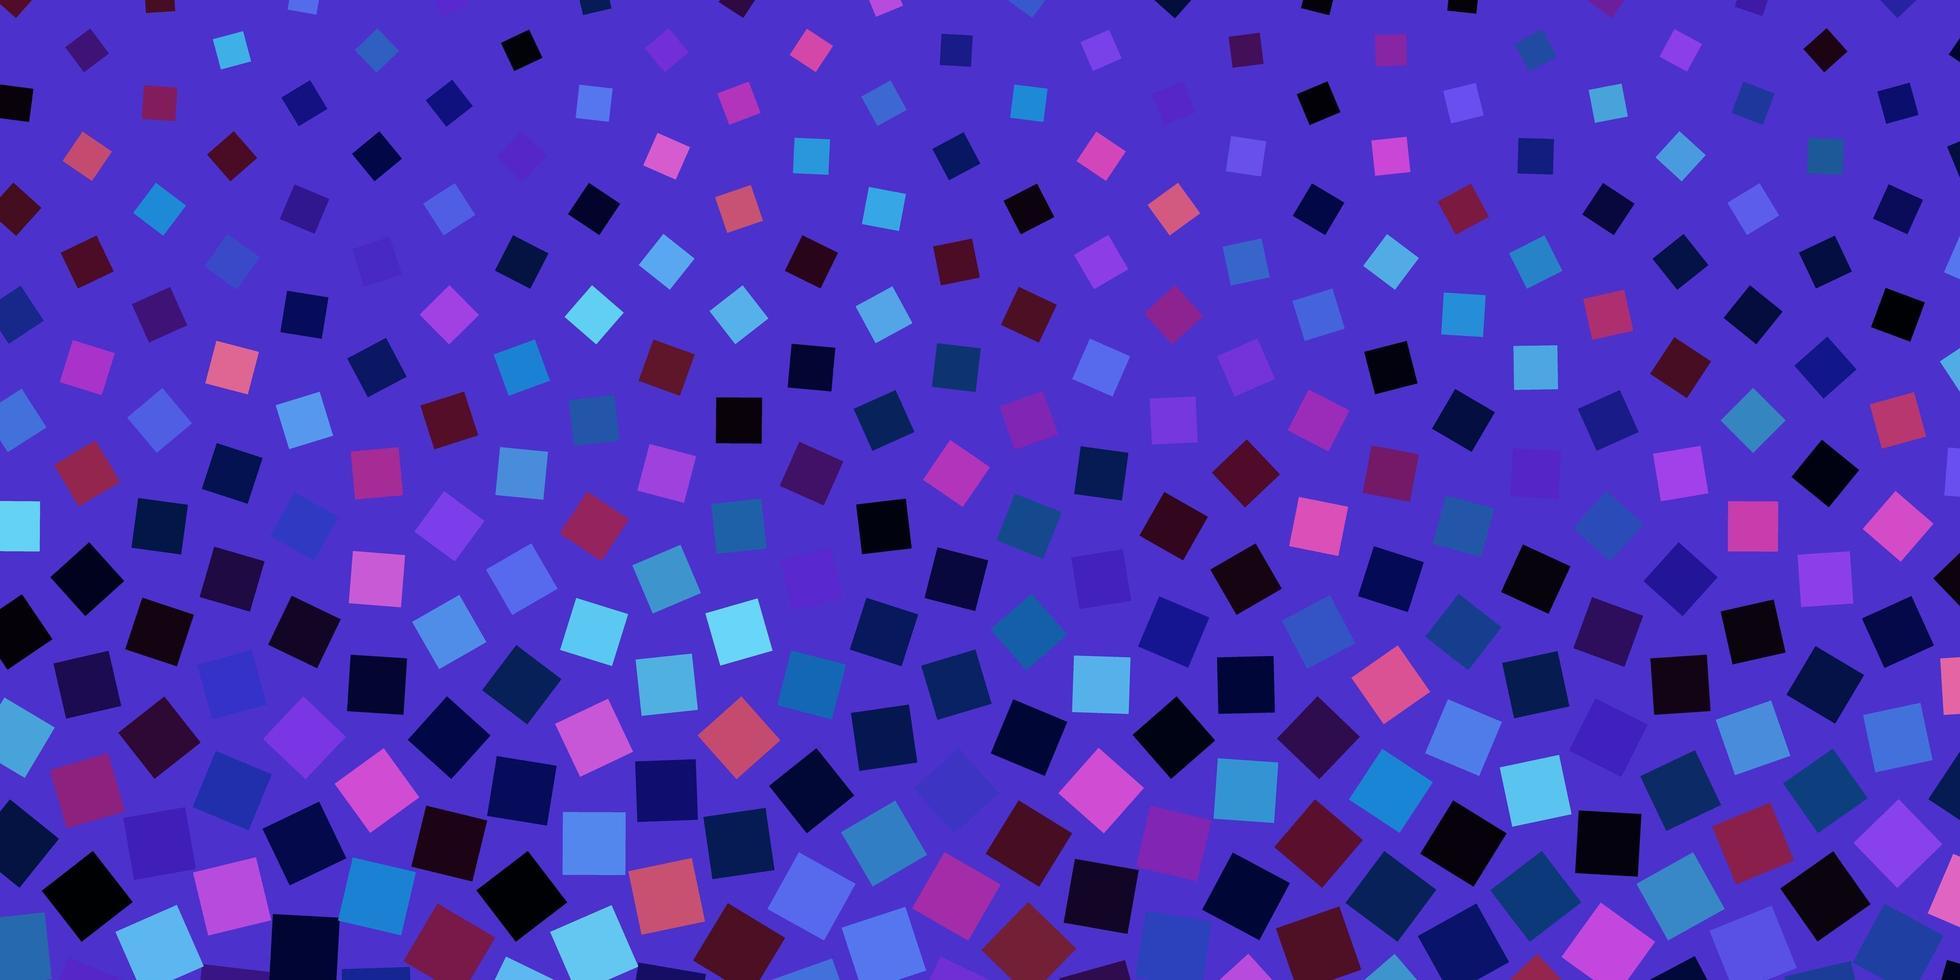 dunkelblaue, rote Vektorschablone mit Rechtecken. vektor